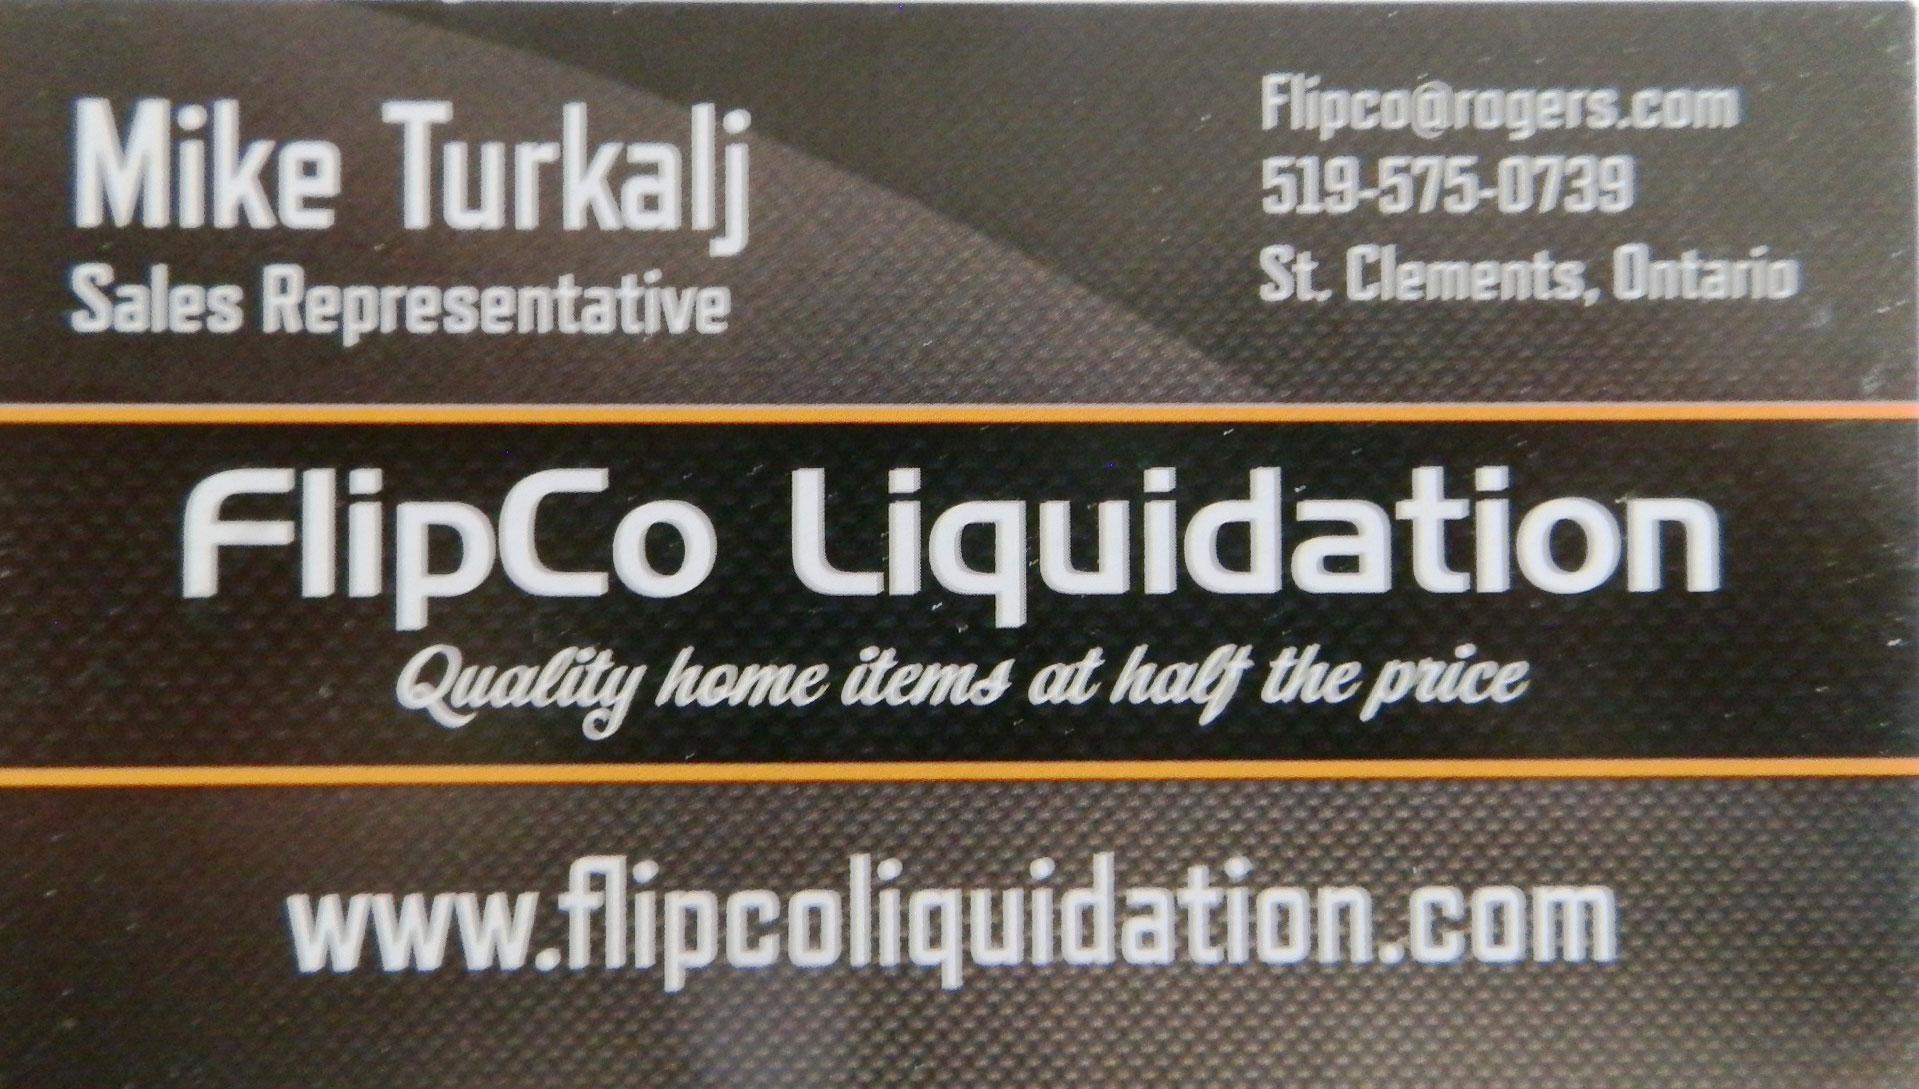 Flipco Liquidation